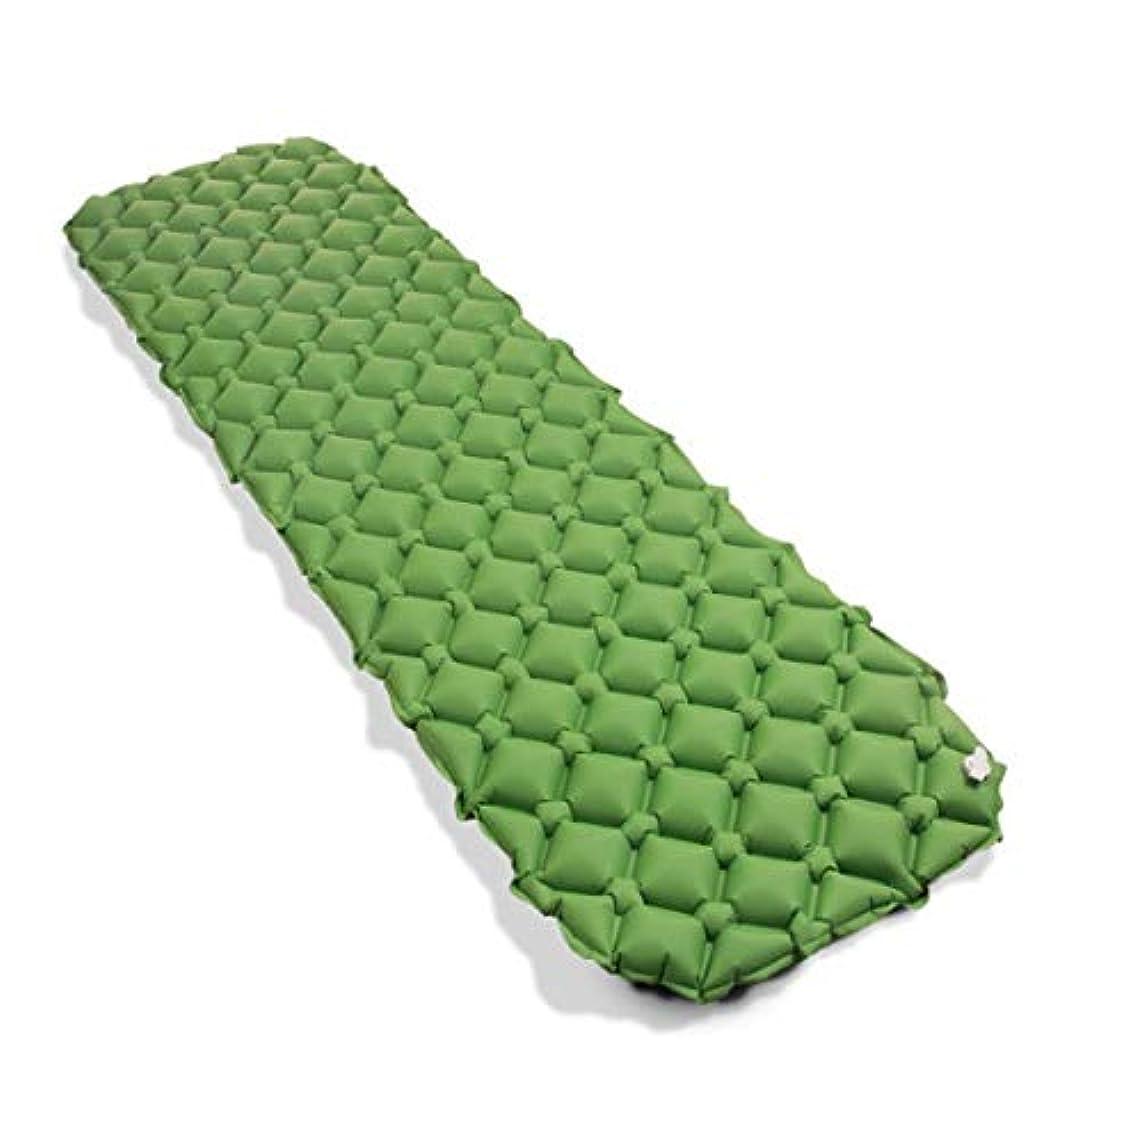 感覚合併お祝いノウ建材貿易 キャンプテント寝袋 - 戸外の防湿自動インフレータブルパッドPVC自動インフレータブルパッド単一の縫製することができます (色 : オレンジ)